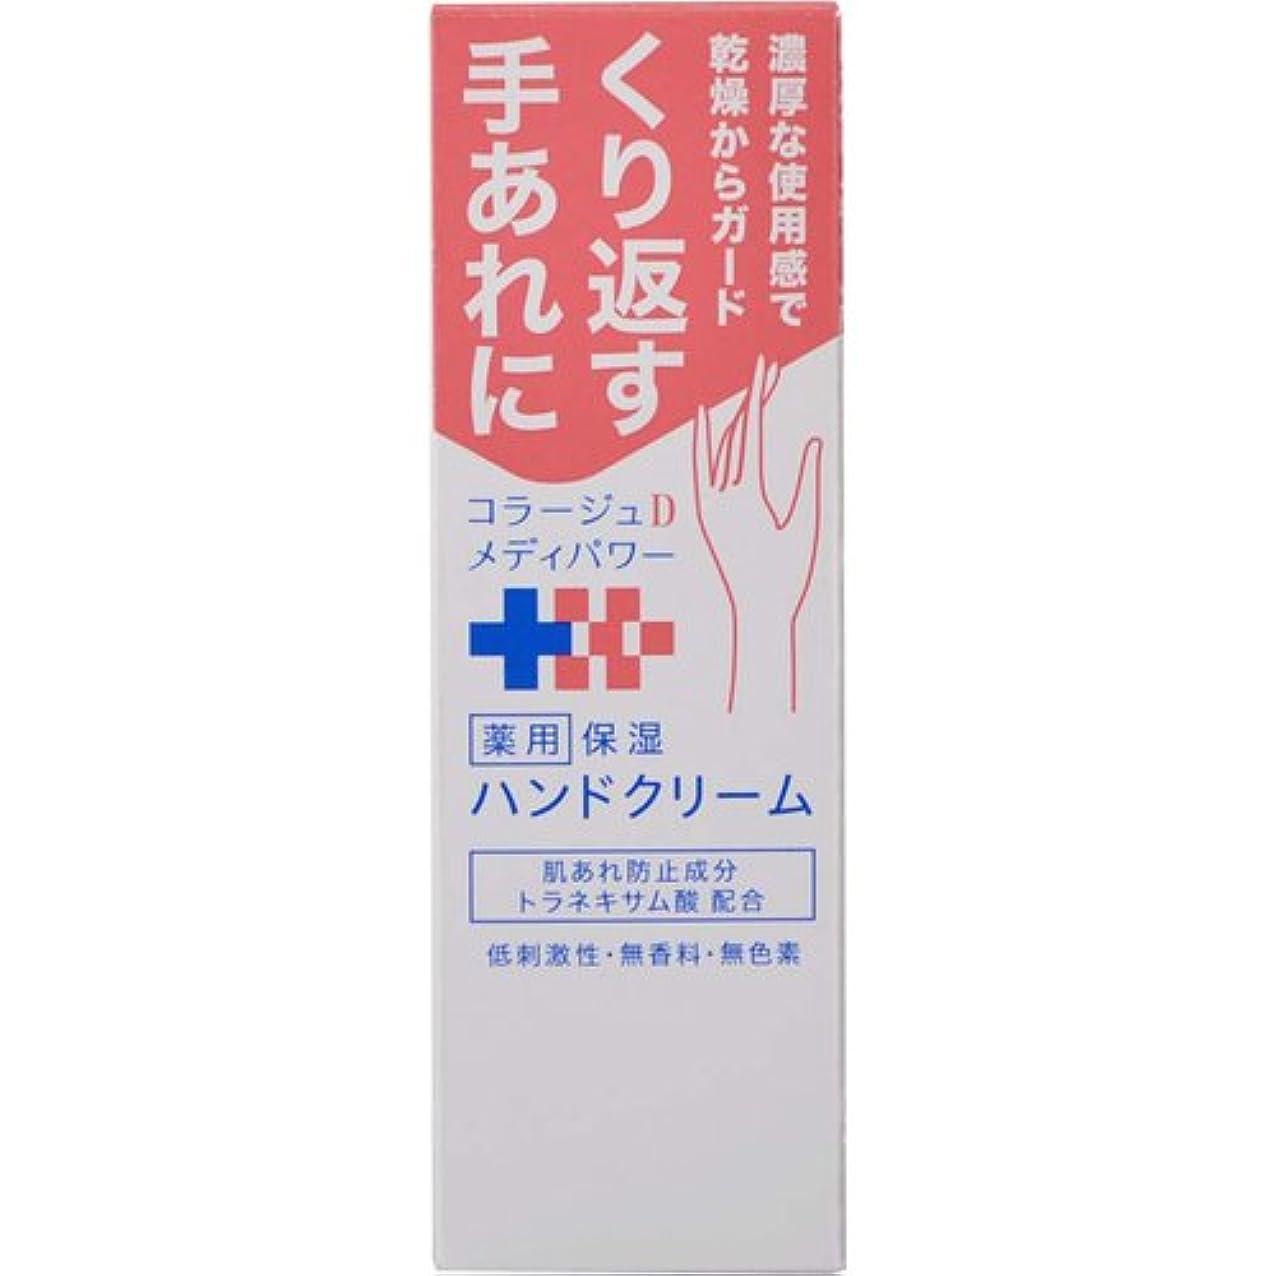 パトロンパラシュートタイルコラージュ D メディパワー 保湿ハンドクリーム 30g 【医薬部外品】